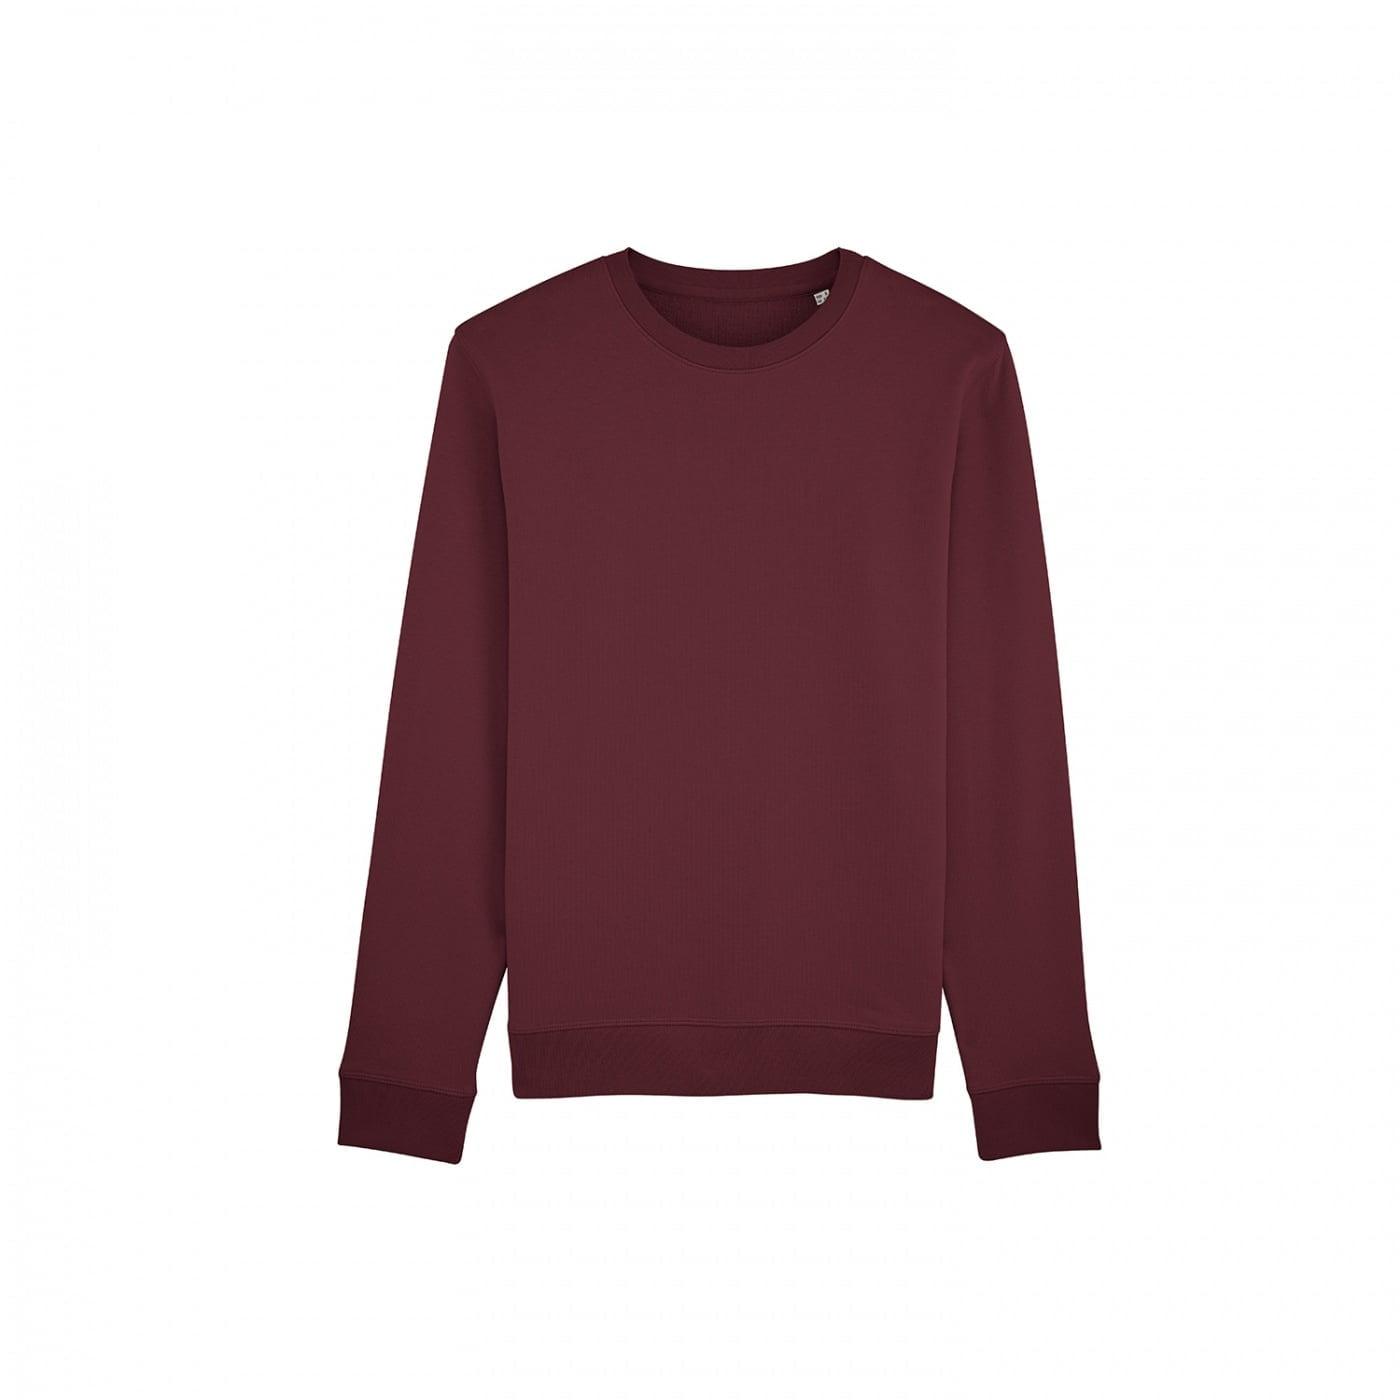 Bluzy - Bluza Crewneck Rise - Stanley/Stella STSU811 - Burgundy - RAVEN - koszulki reklamowe z nadrukiem, odzież reklamowa i gastronomiczna